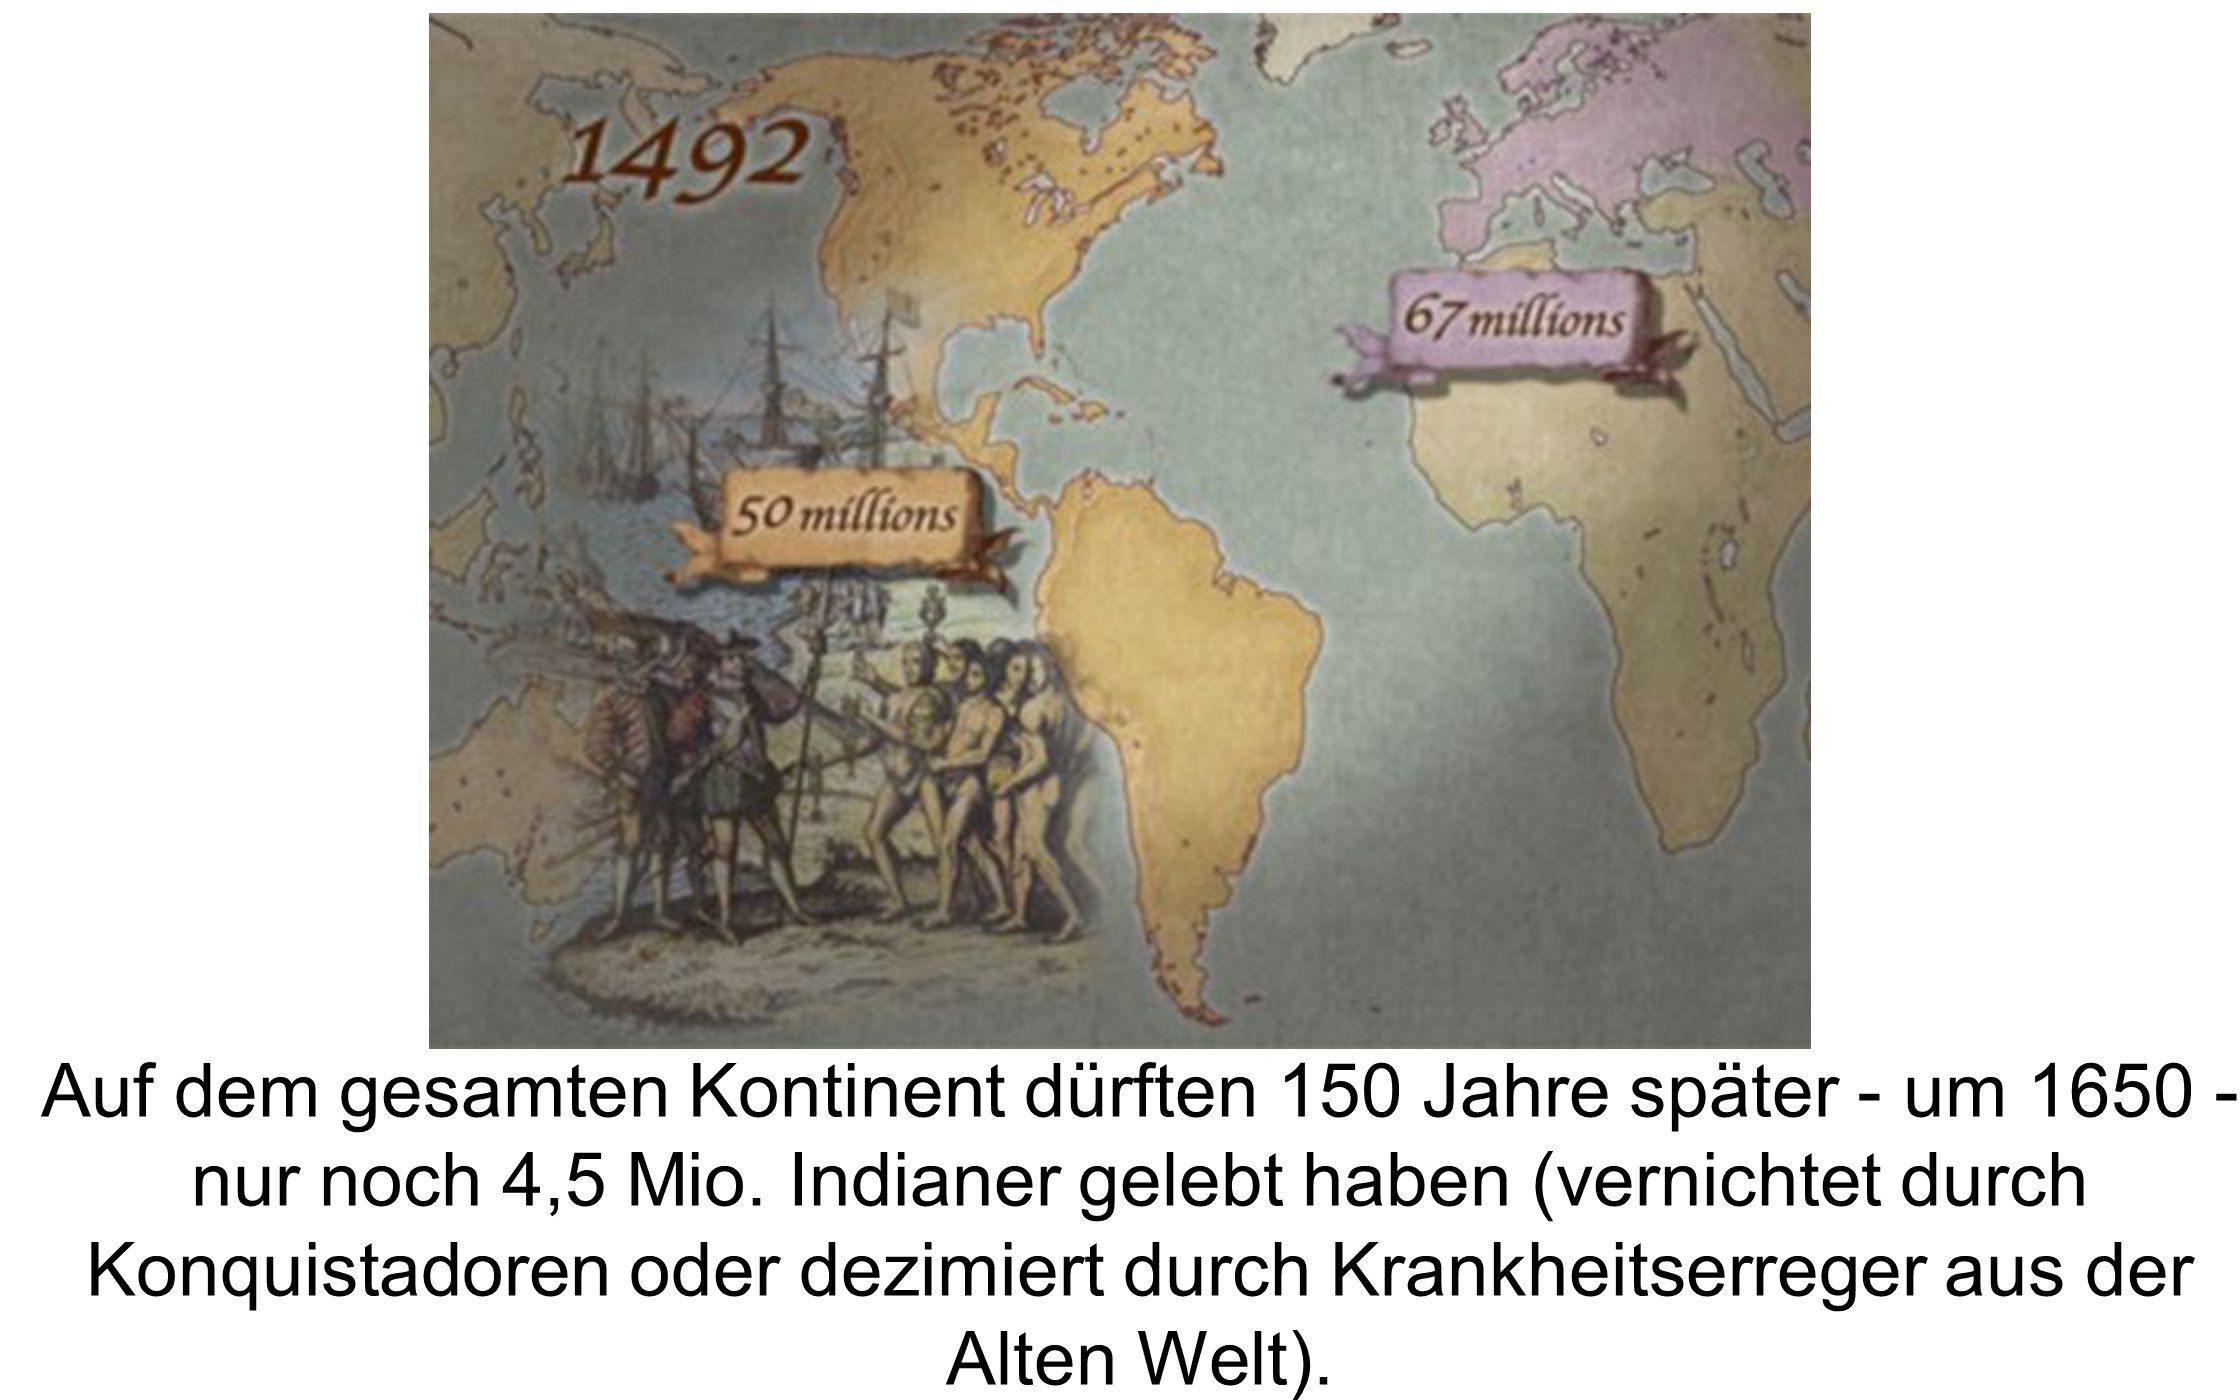 Auf dem gesamten Kontinent dürften 150 Jahre später - um 1650 - nur noch 4,5 Mio. Indianer gelebt haben (vernichtet durch Konquistadoren oder dezimier